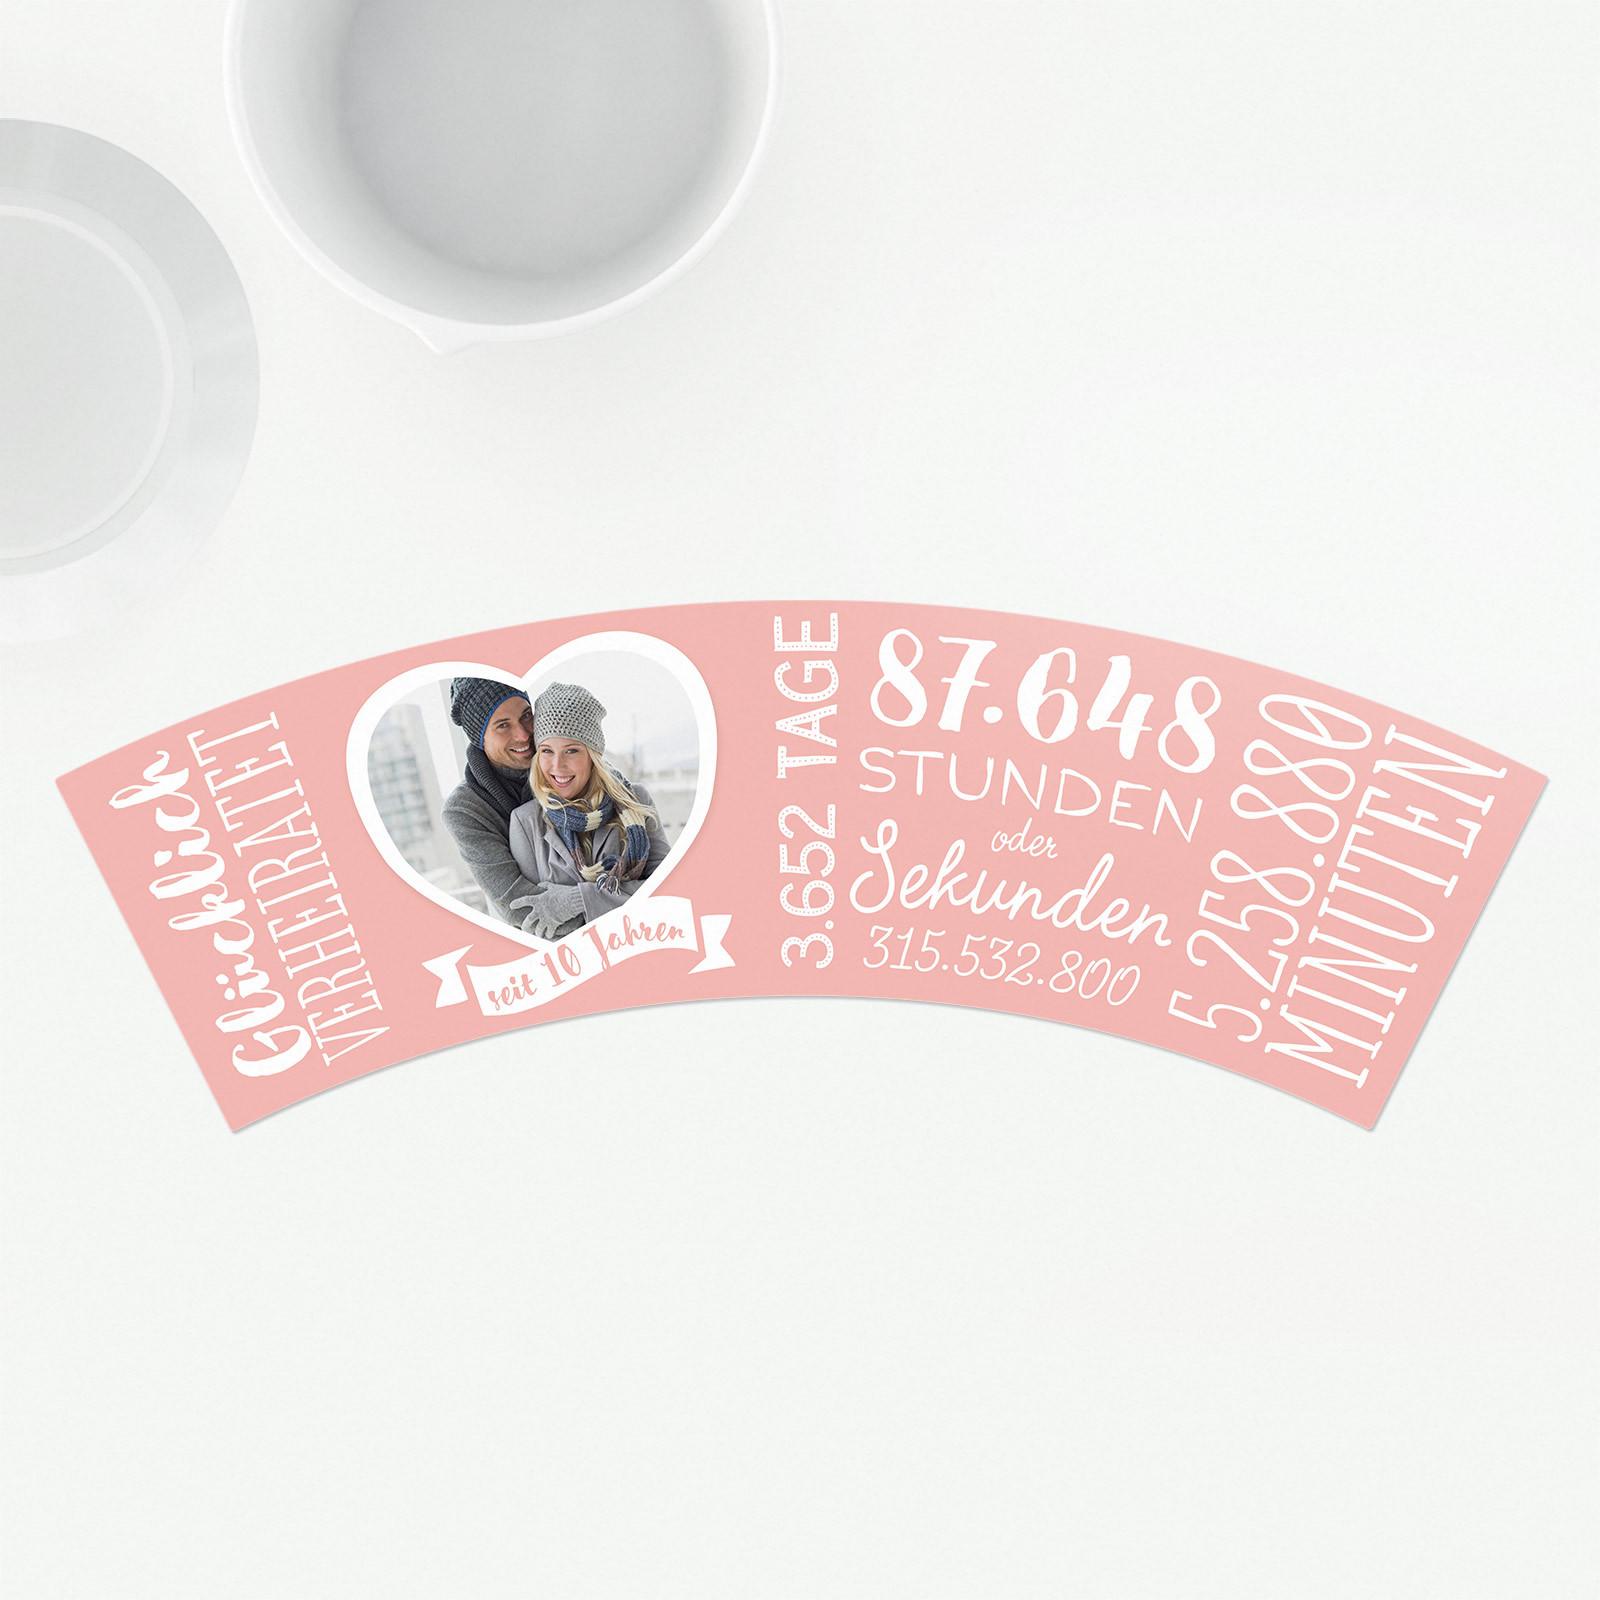 Rosenhochzeit Geschenke  10 Hochzeitstag Rosenhochzeit – Blumentopf von MyFacepot